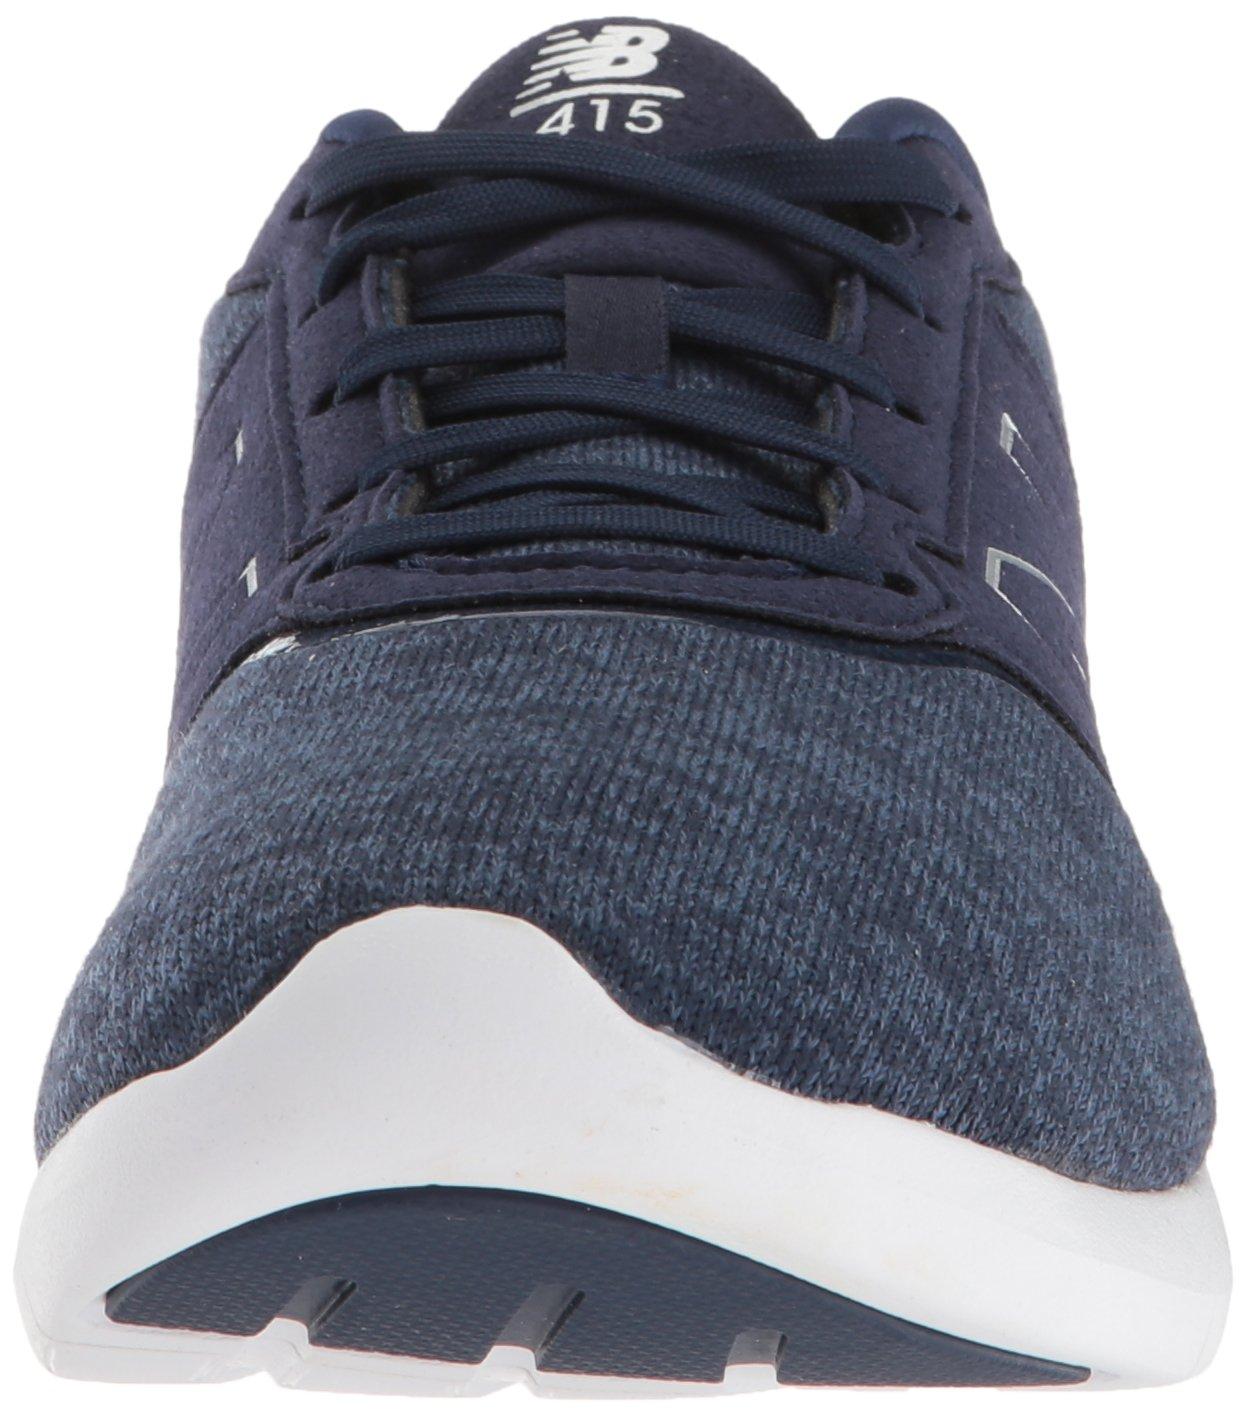 New Balance Women's 415v1 Cush + Sneaker B075R78HZ7 9 D US|Red